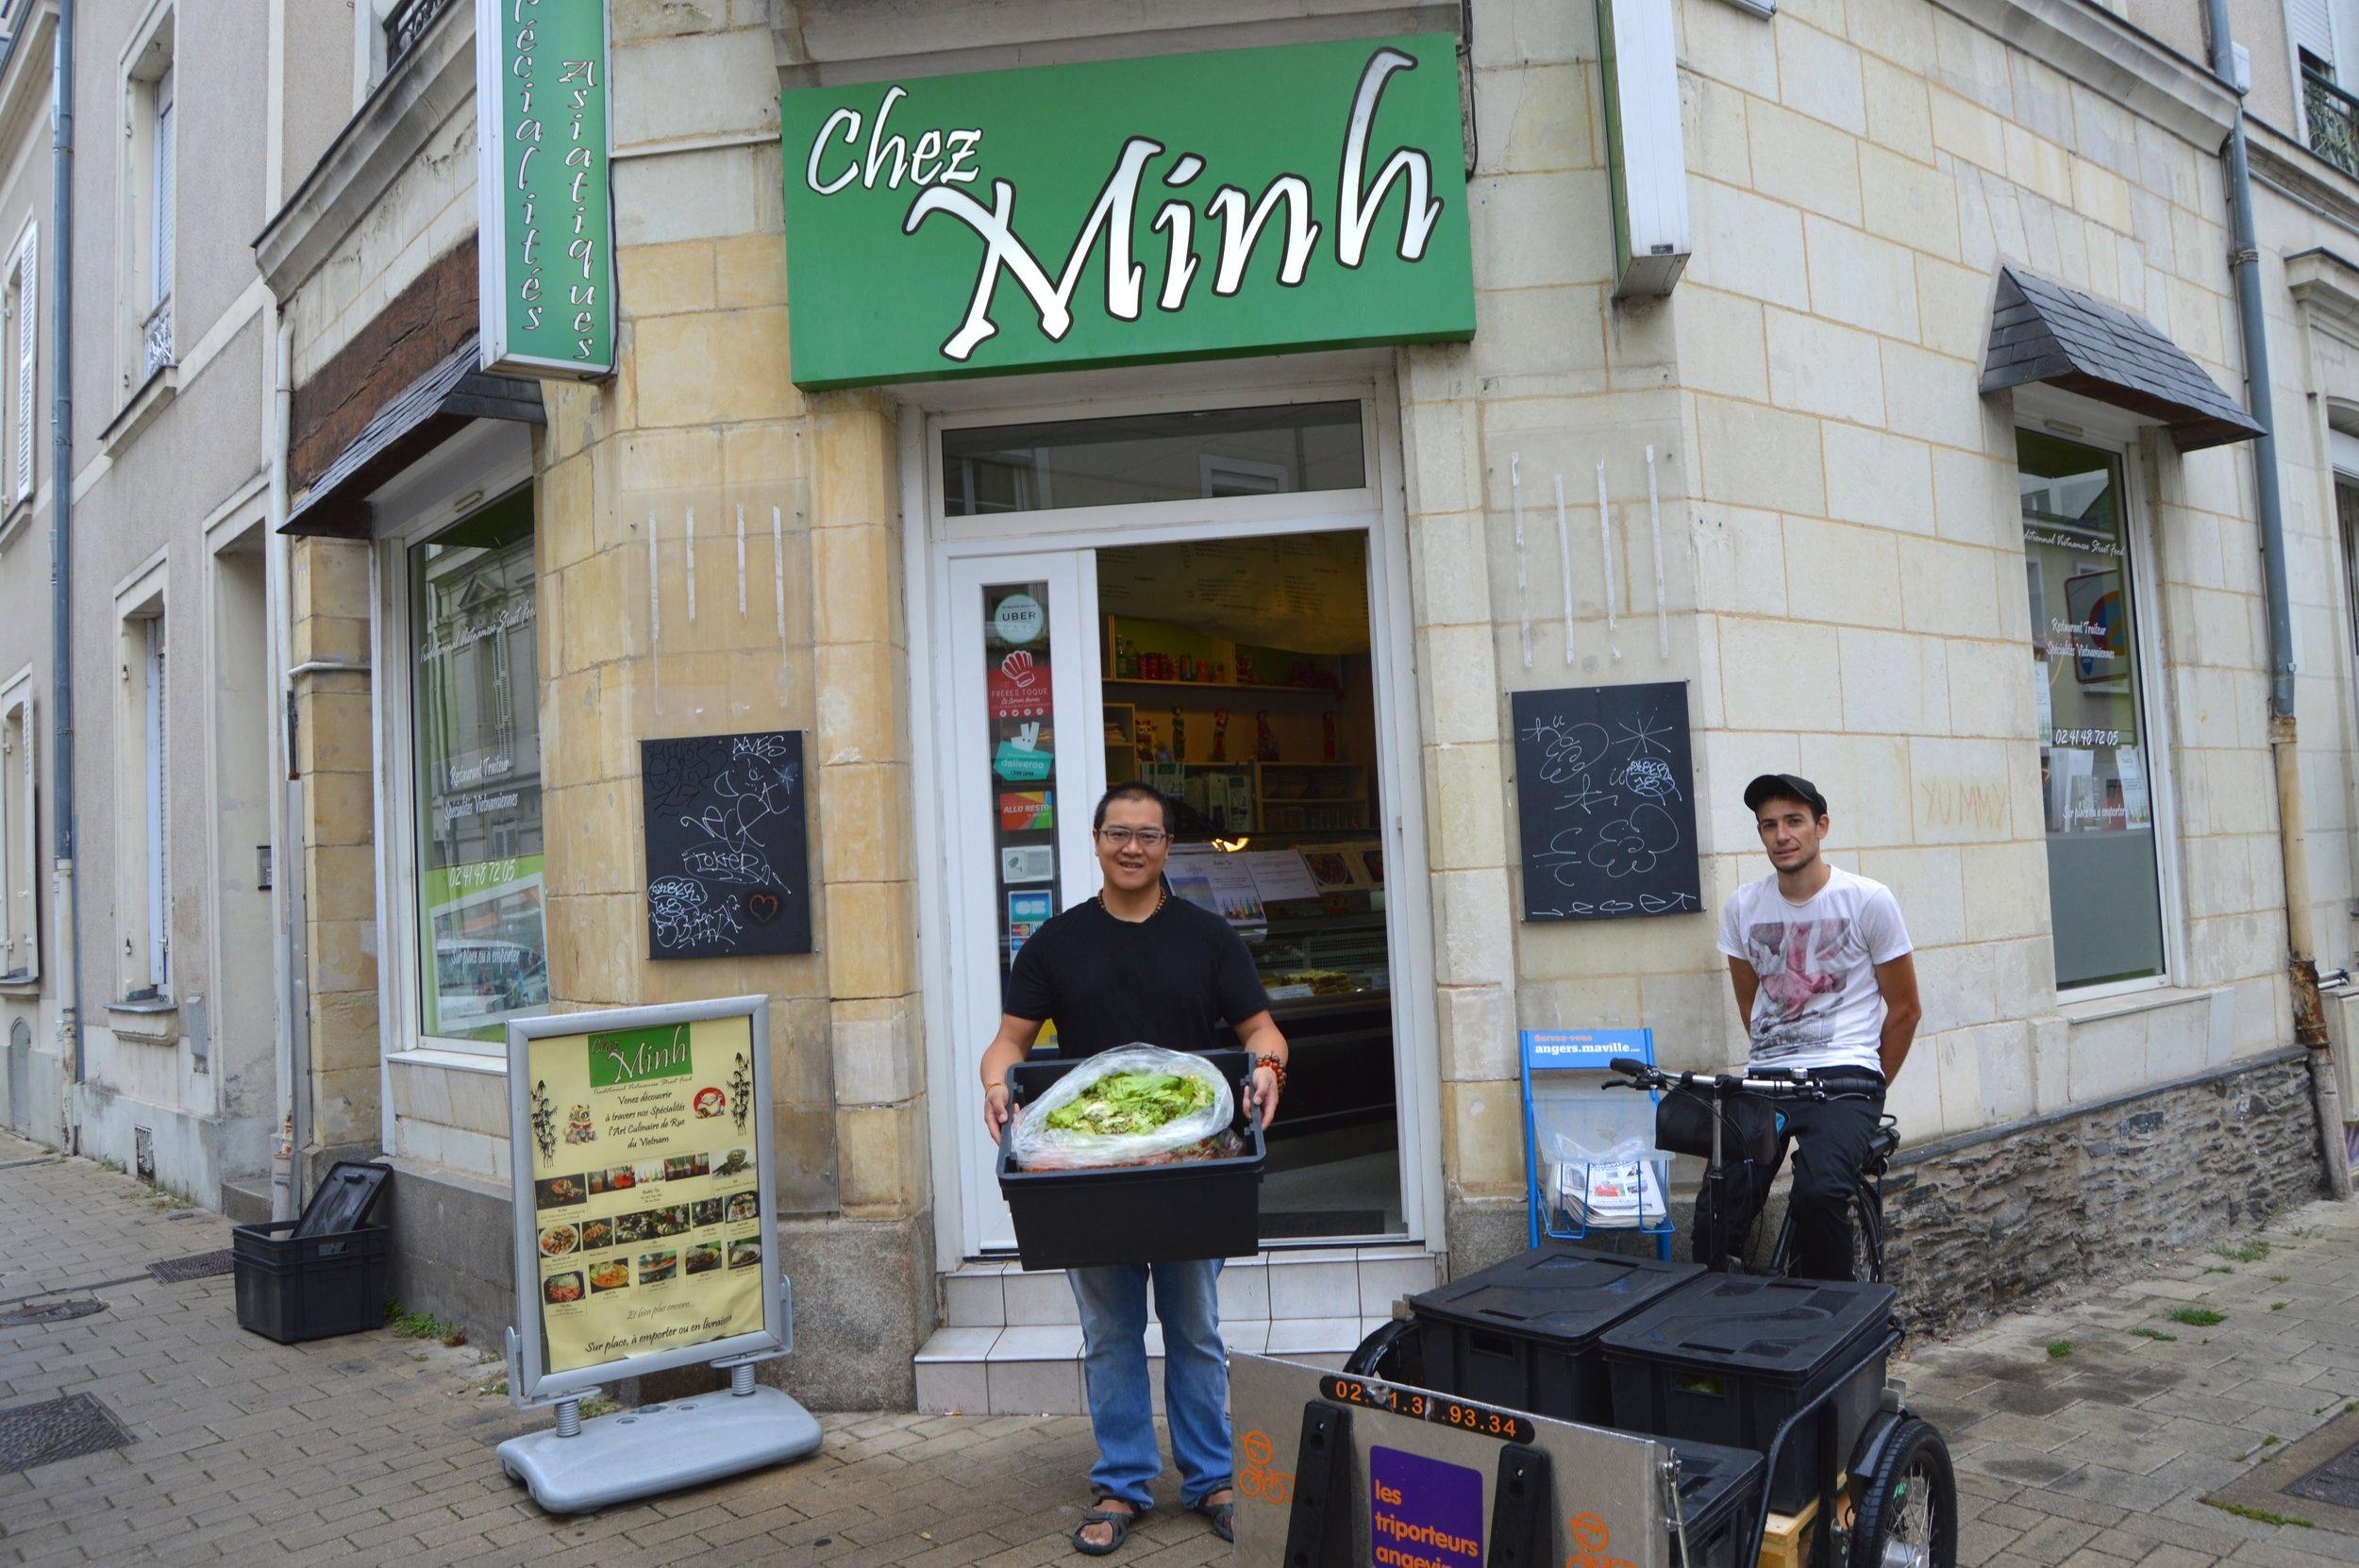 Chez Minh - C'est le lieu pour déguster des spécialités vietnamiennes 100% fait maison ! Pho, Bo Bun, nems, sandwich vietnamien, tous les plats sont élaborés à partir de viandes et de légumes frais et de façon artisanale. Chez minh cultive ainsi que l'art culinaire de la rue du Vietnam.Et qui dit produits frais, dit épluchures ! Chez Minh trie et valorise ses biodéchets en compost.RDV au 93, rue Bressigny à Angers